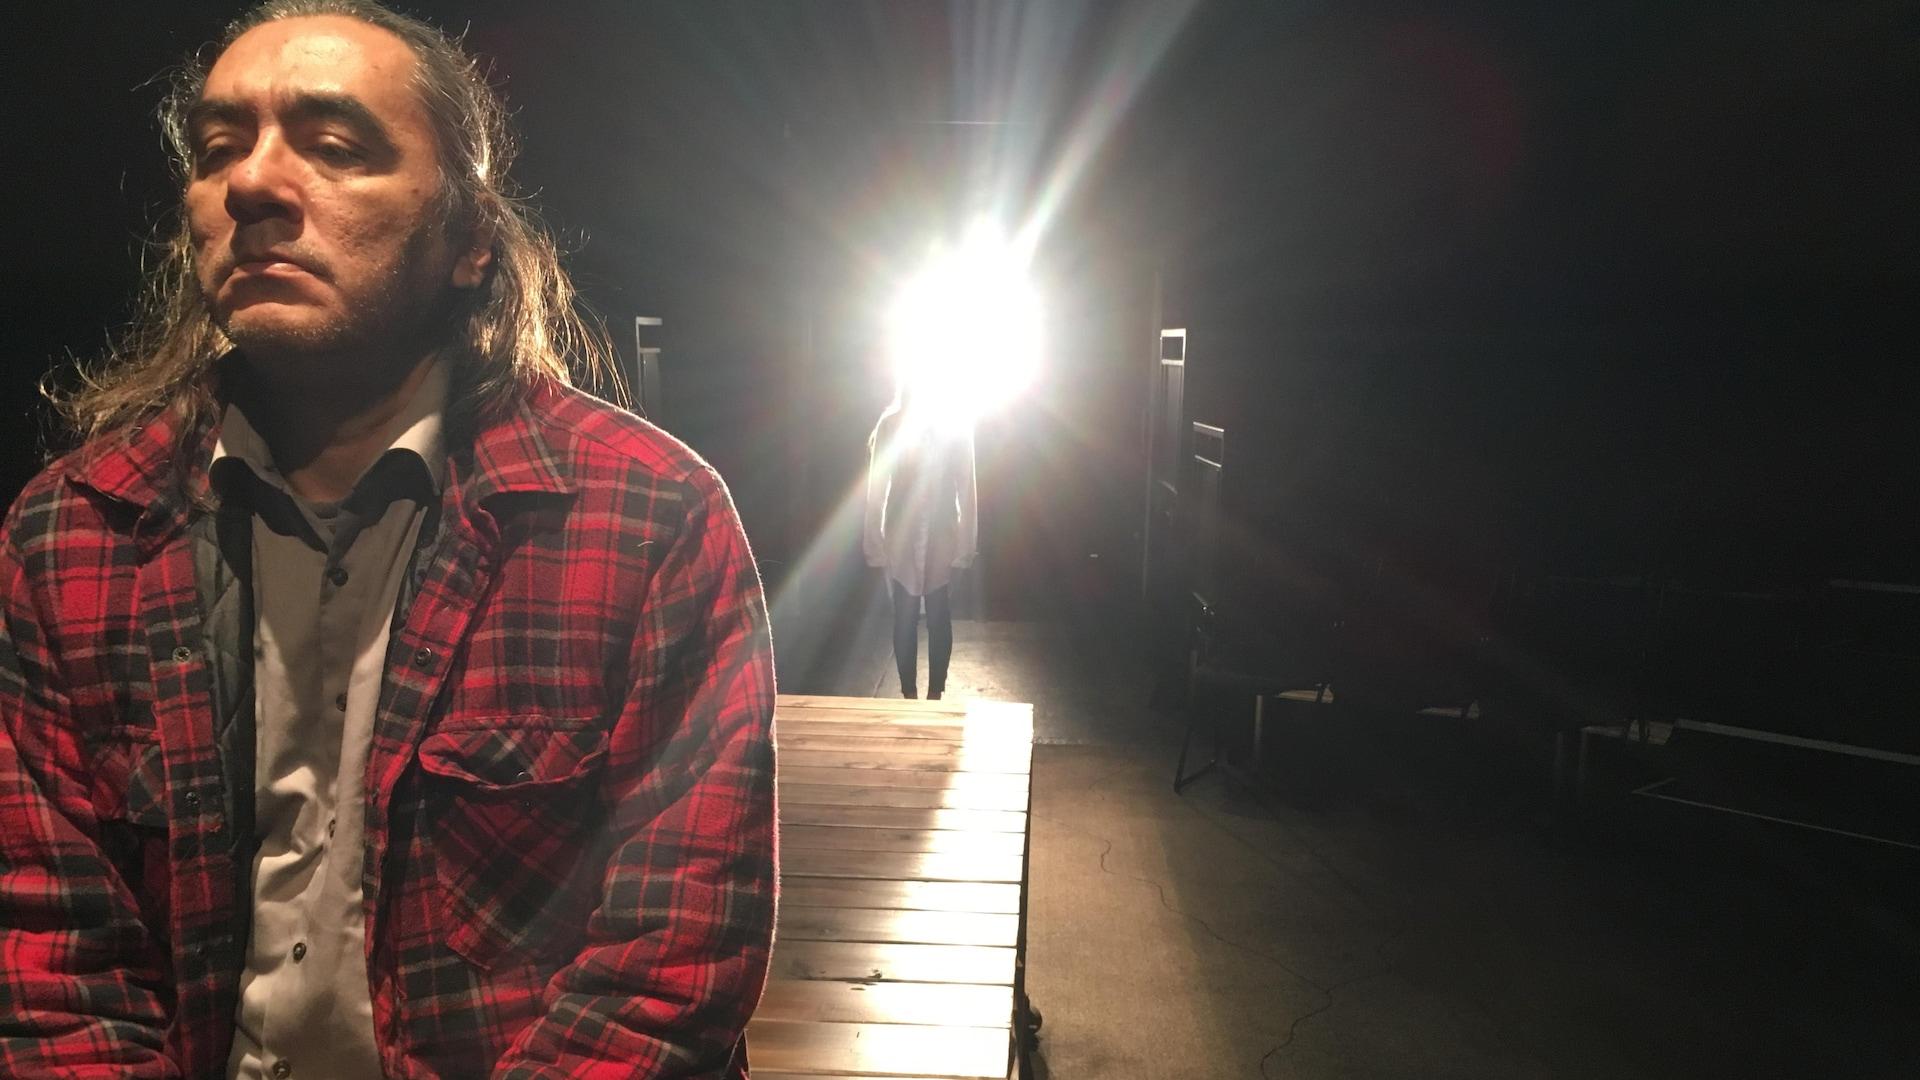 Marco Collin et Soleil Launière dans la pièce Là où le sang se mêle, mise en scène par Charles Bender.